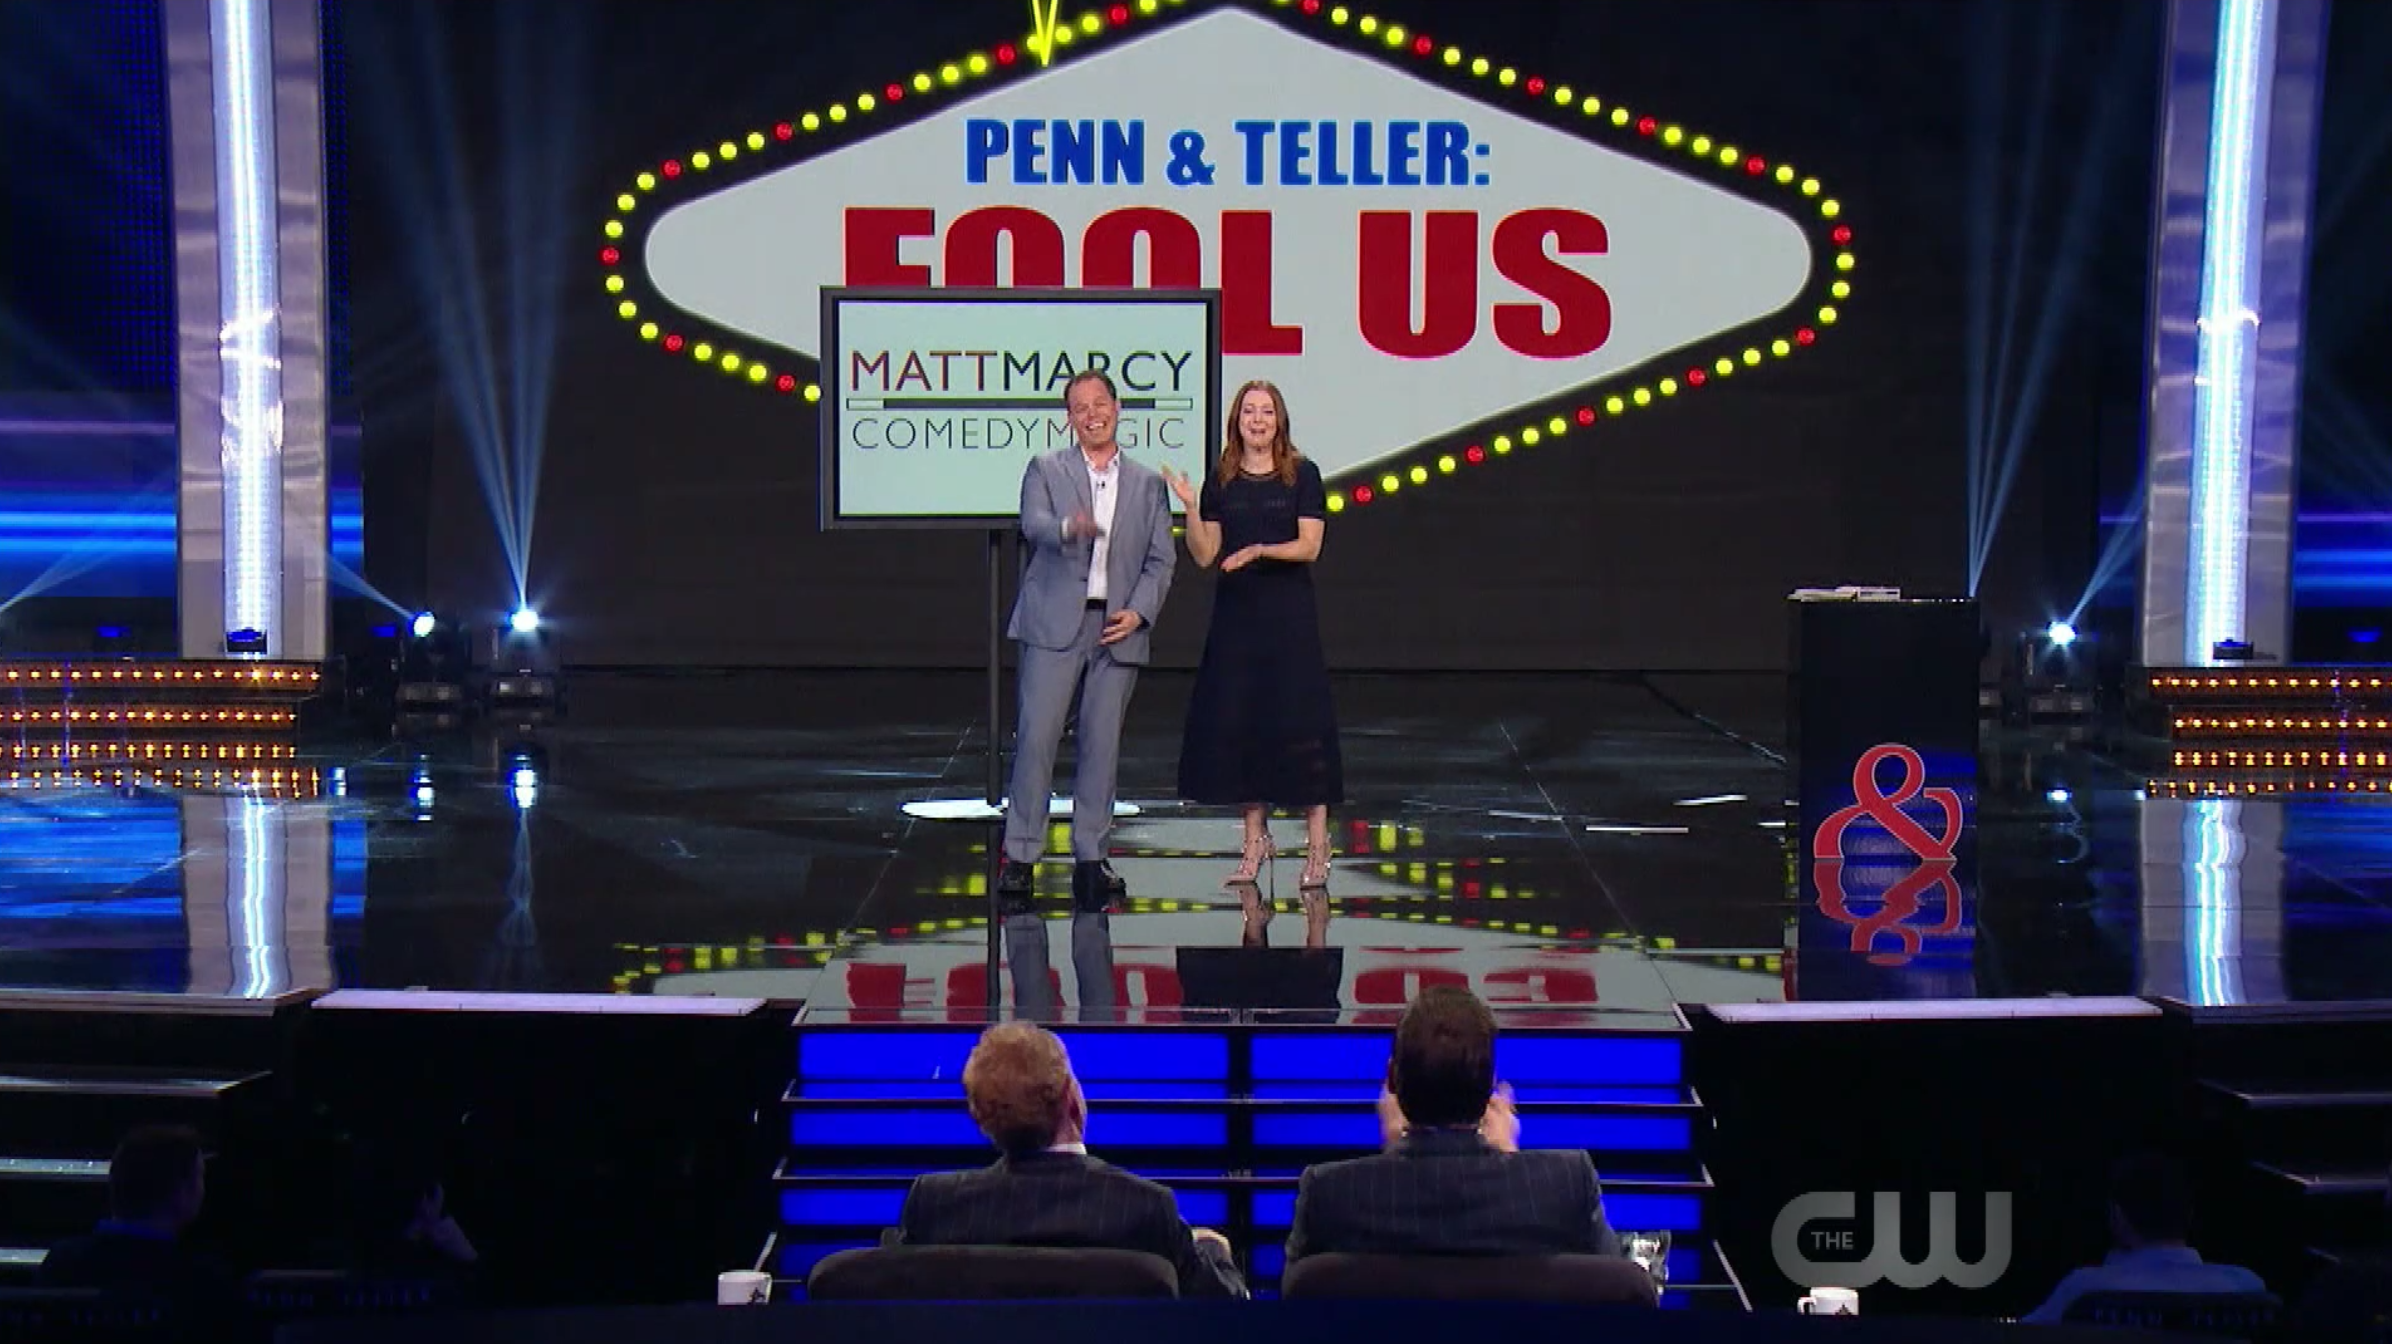 On Penn & Teller: Fool Us